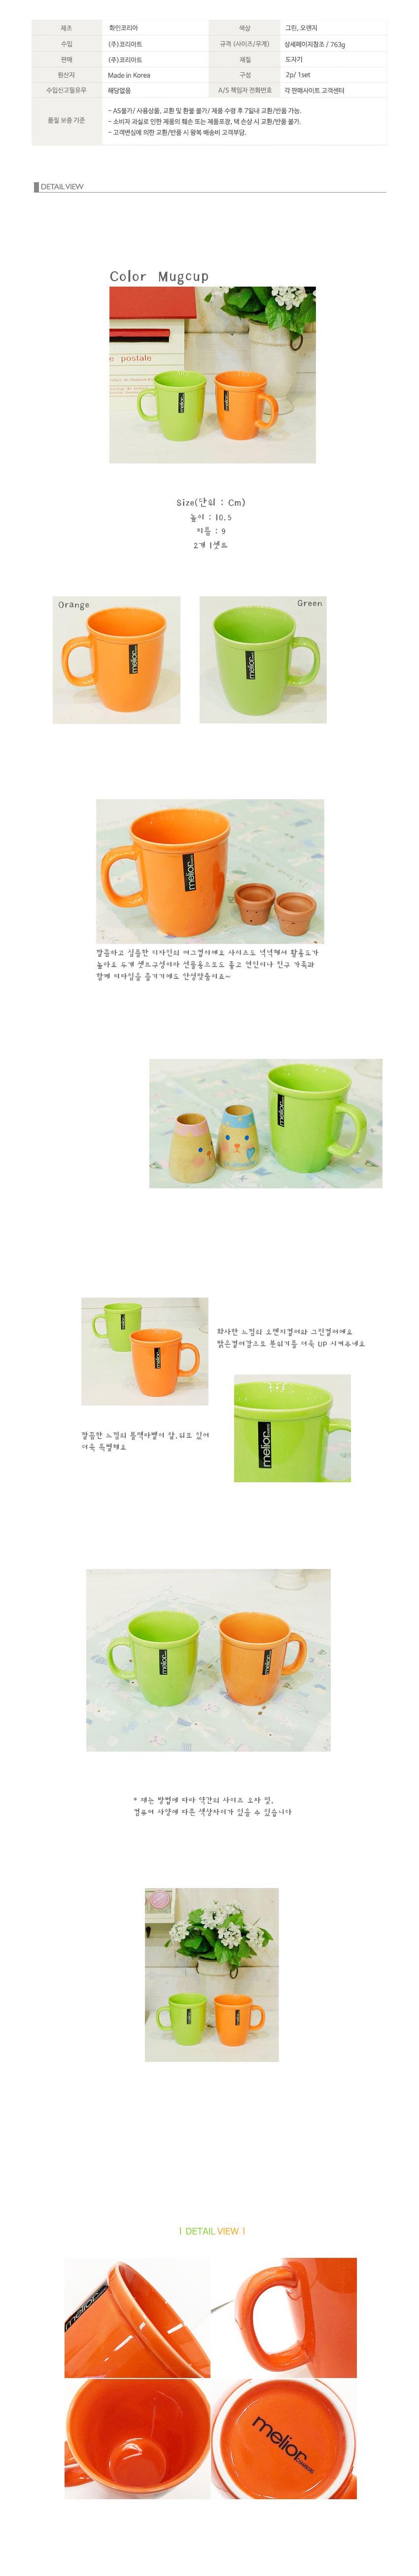 아트 셀렉션 컬러 머그컵 2p set - 컨츄리아이템, 9,900원, 머그컵, 머그컵 세트